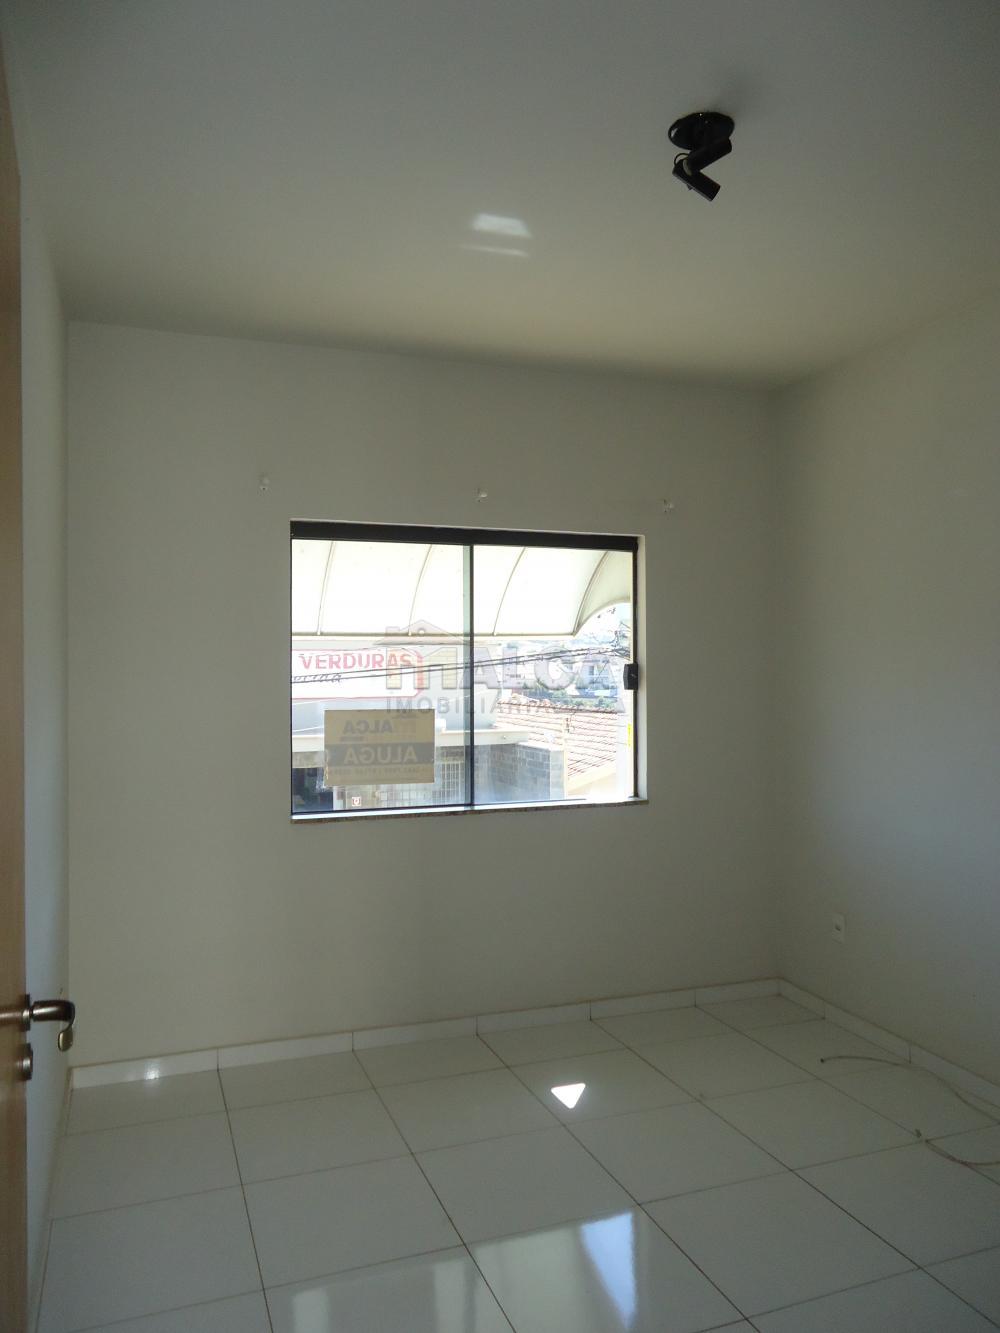 Alugar Apartamentos / Padrão em São José do Rio Pardo R$ 950,00 - Foto 8